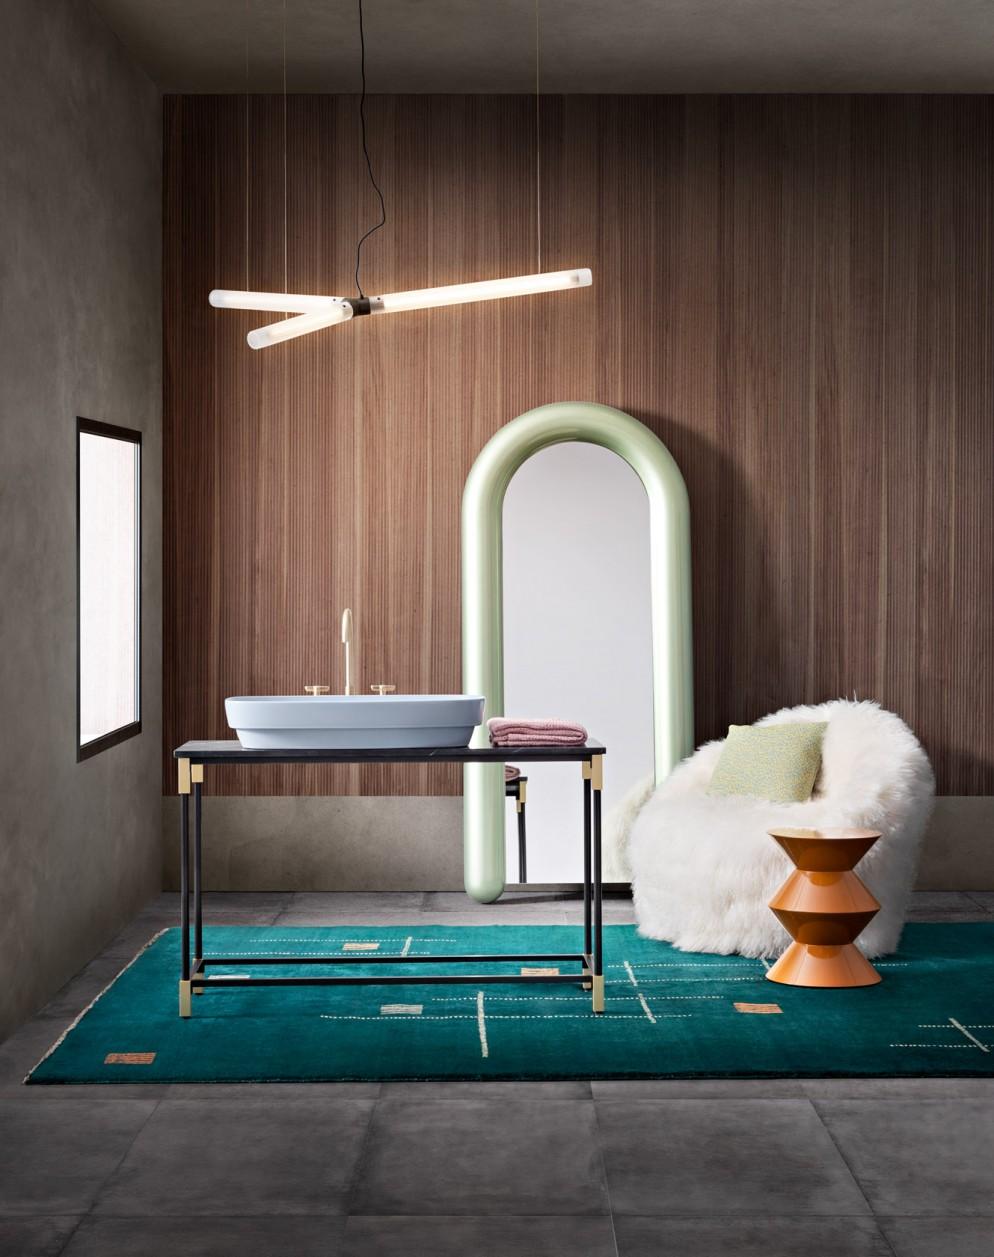 idee-arredare-casa-lampade-divani-sedie-letti-poltrone-03